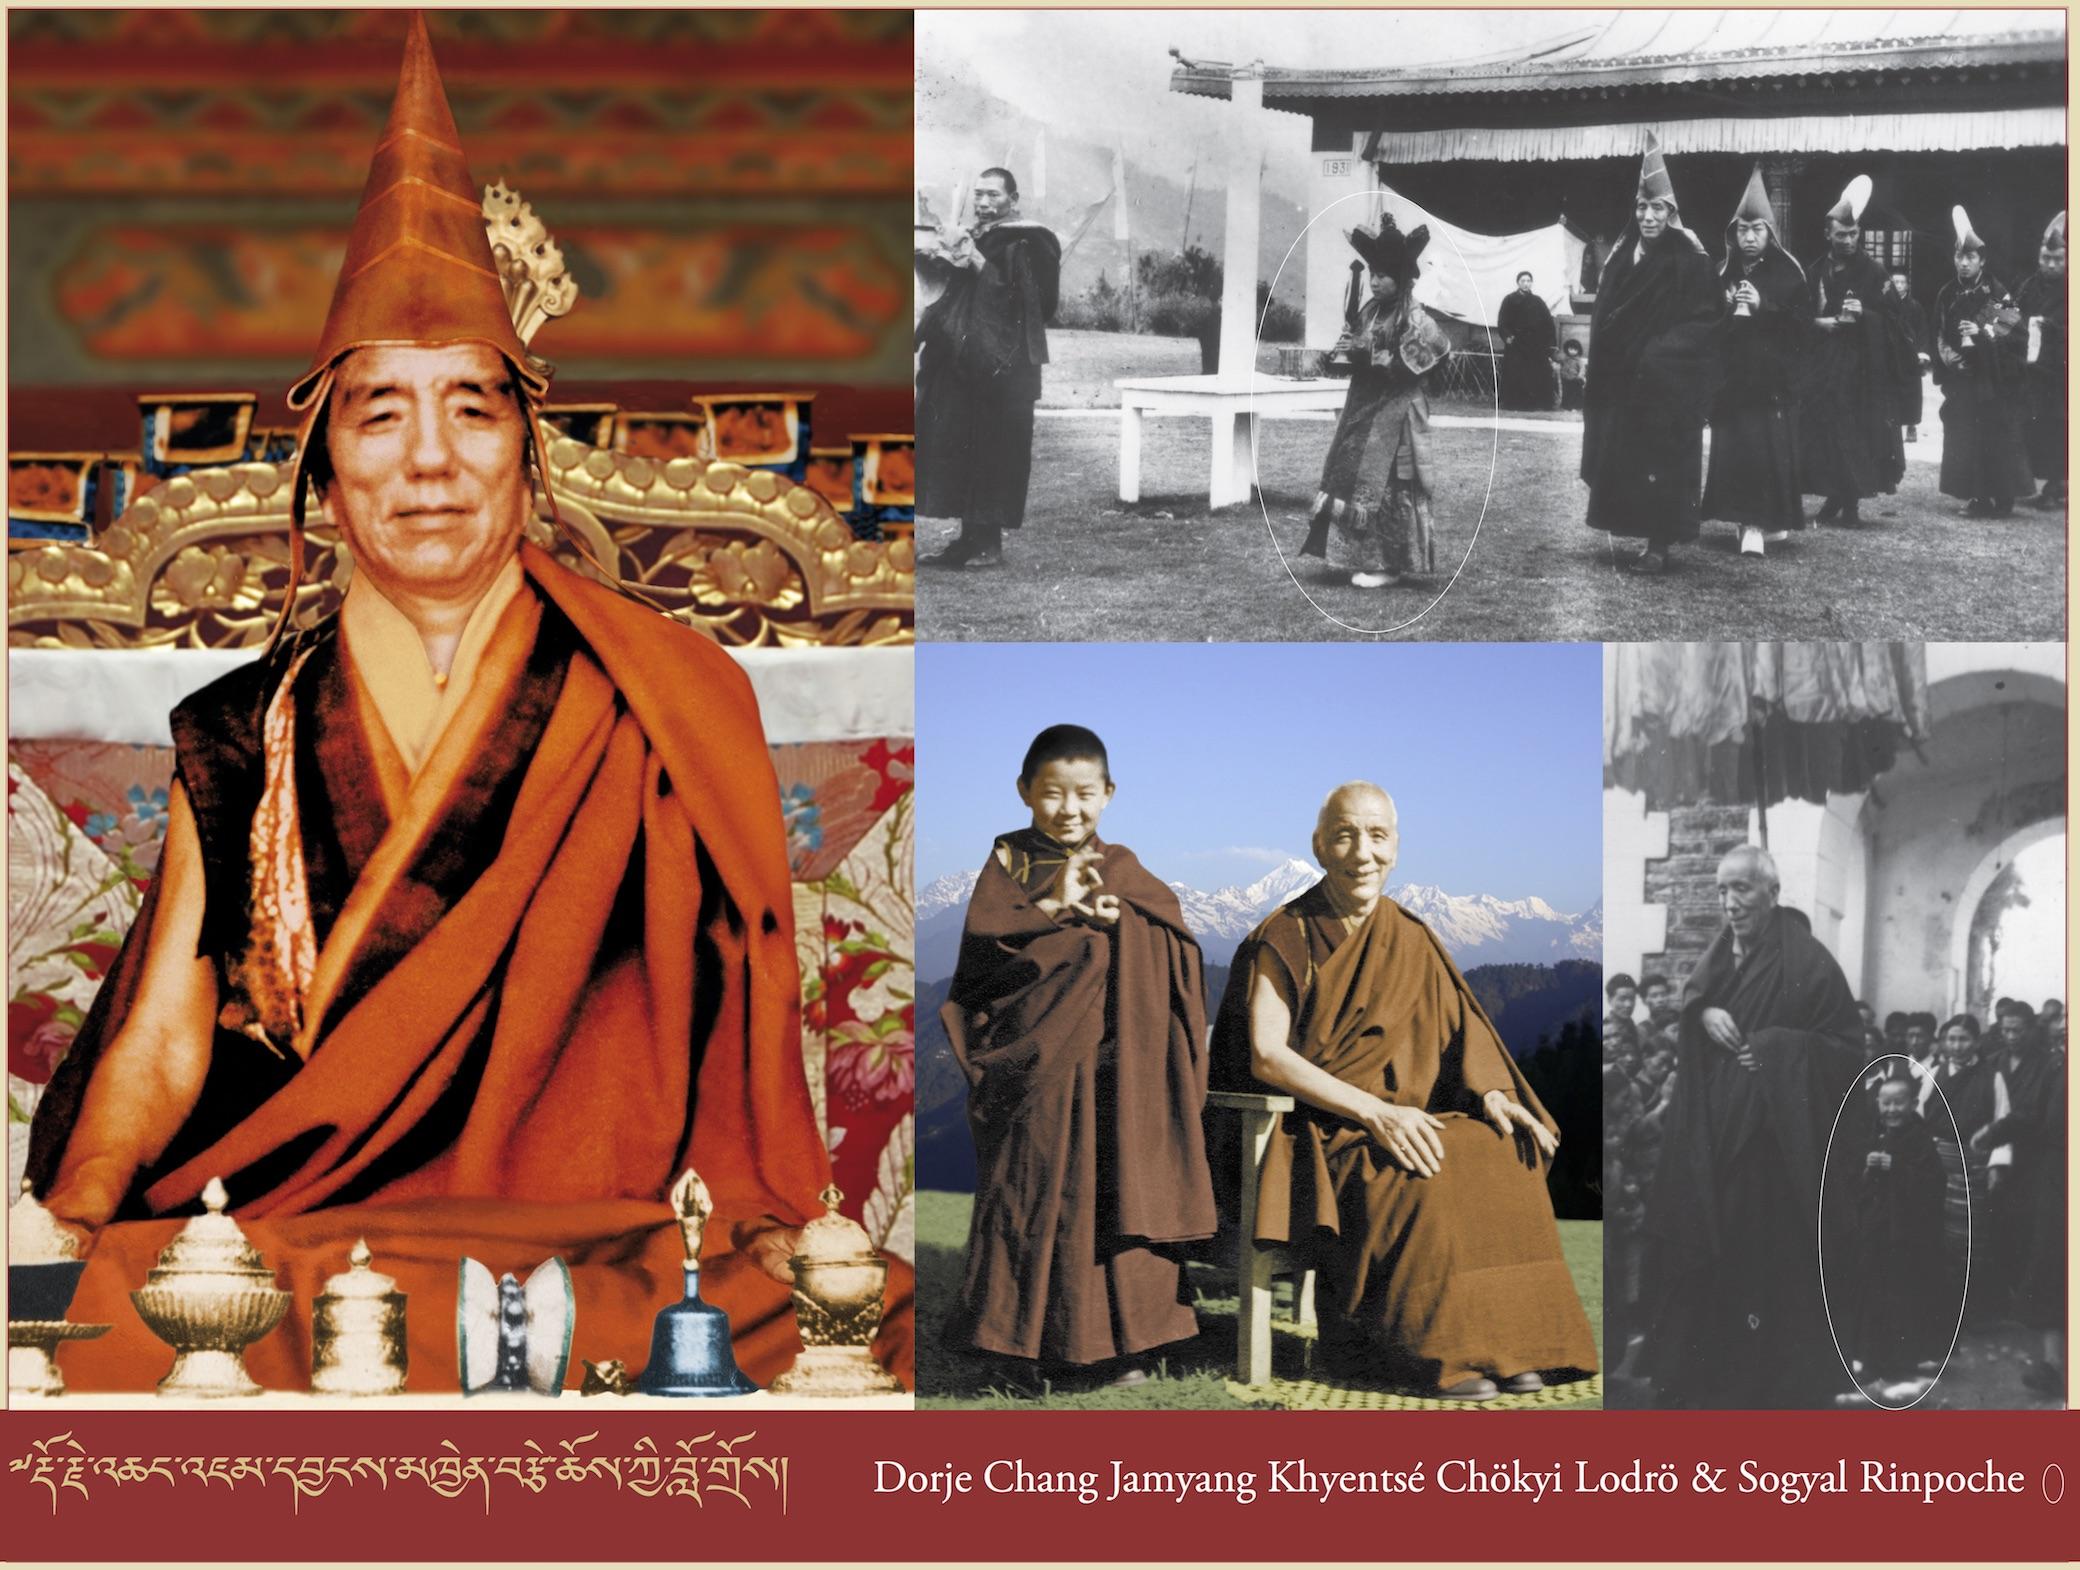 Dorje Chang Jamyang Khyentsé Chökyi Lodrö & Sogyal Rinpoche